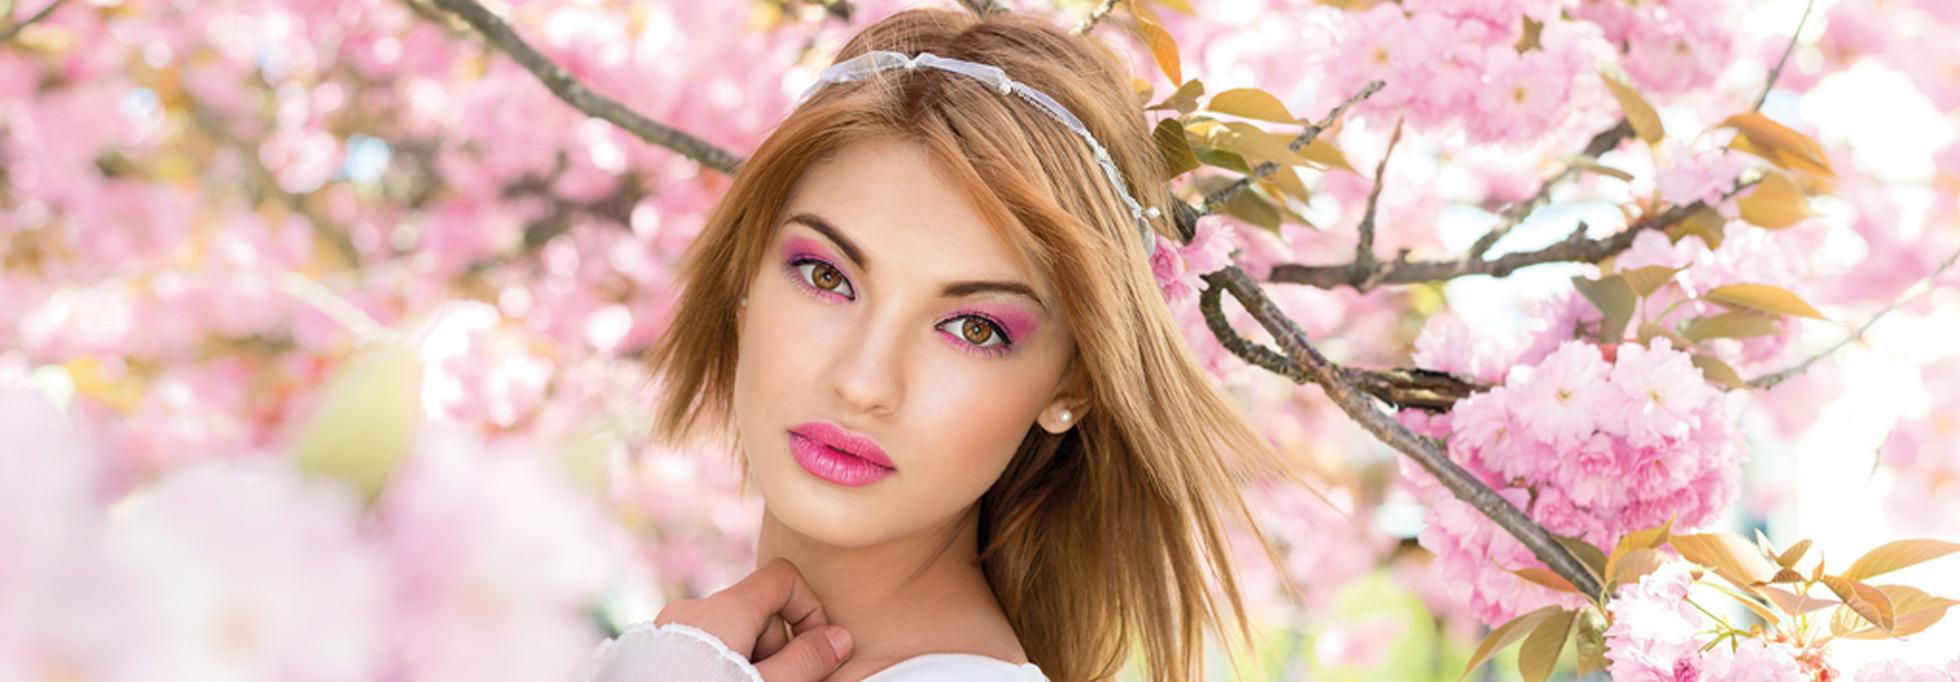 BWN-Sales Beauty Wellness & Niche Brands